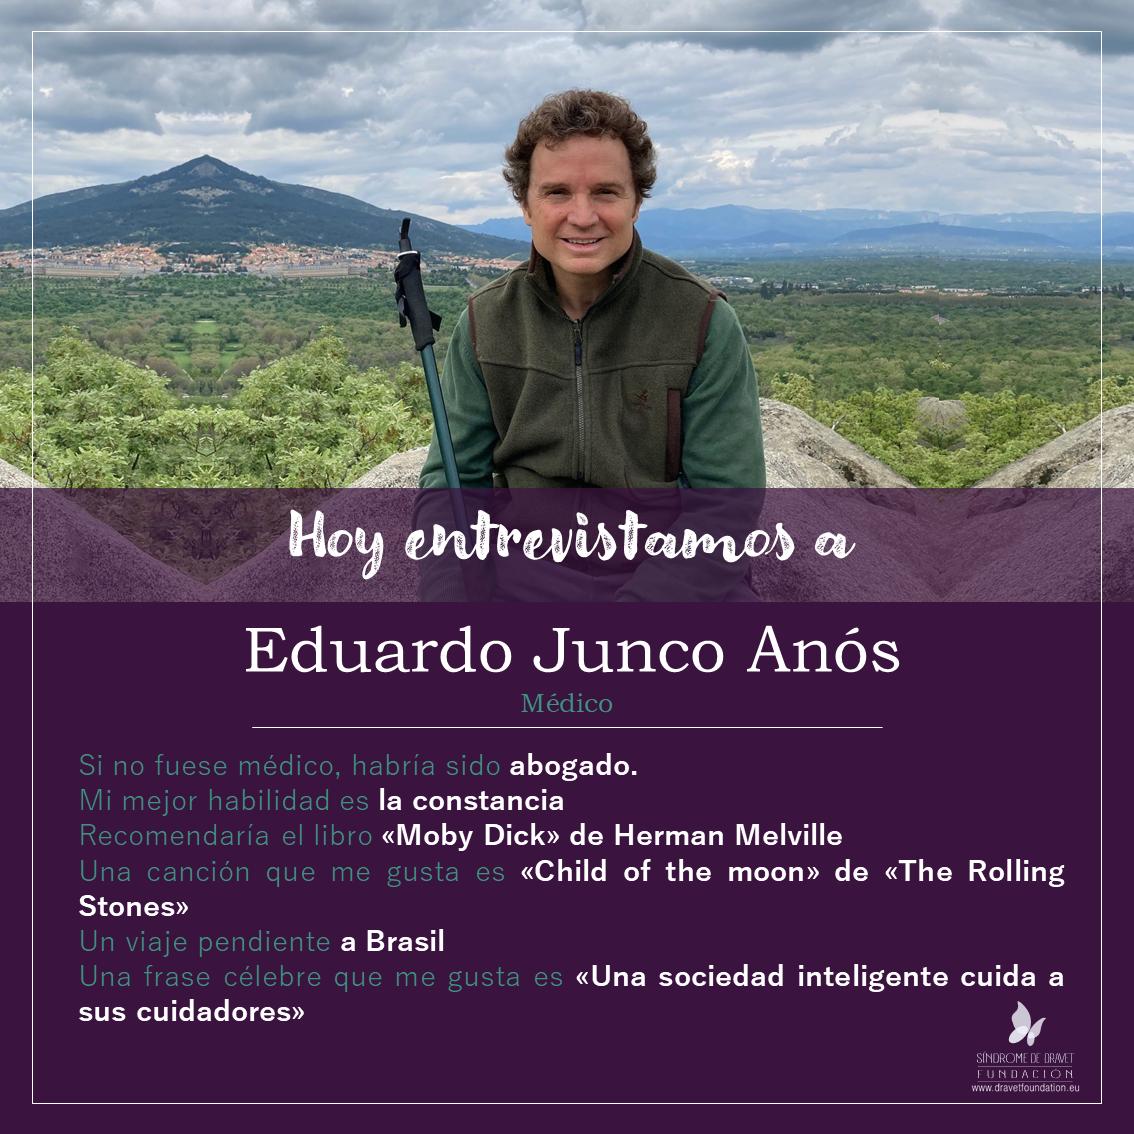 Entrevistamos a Eduardo Junco